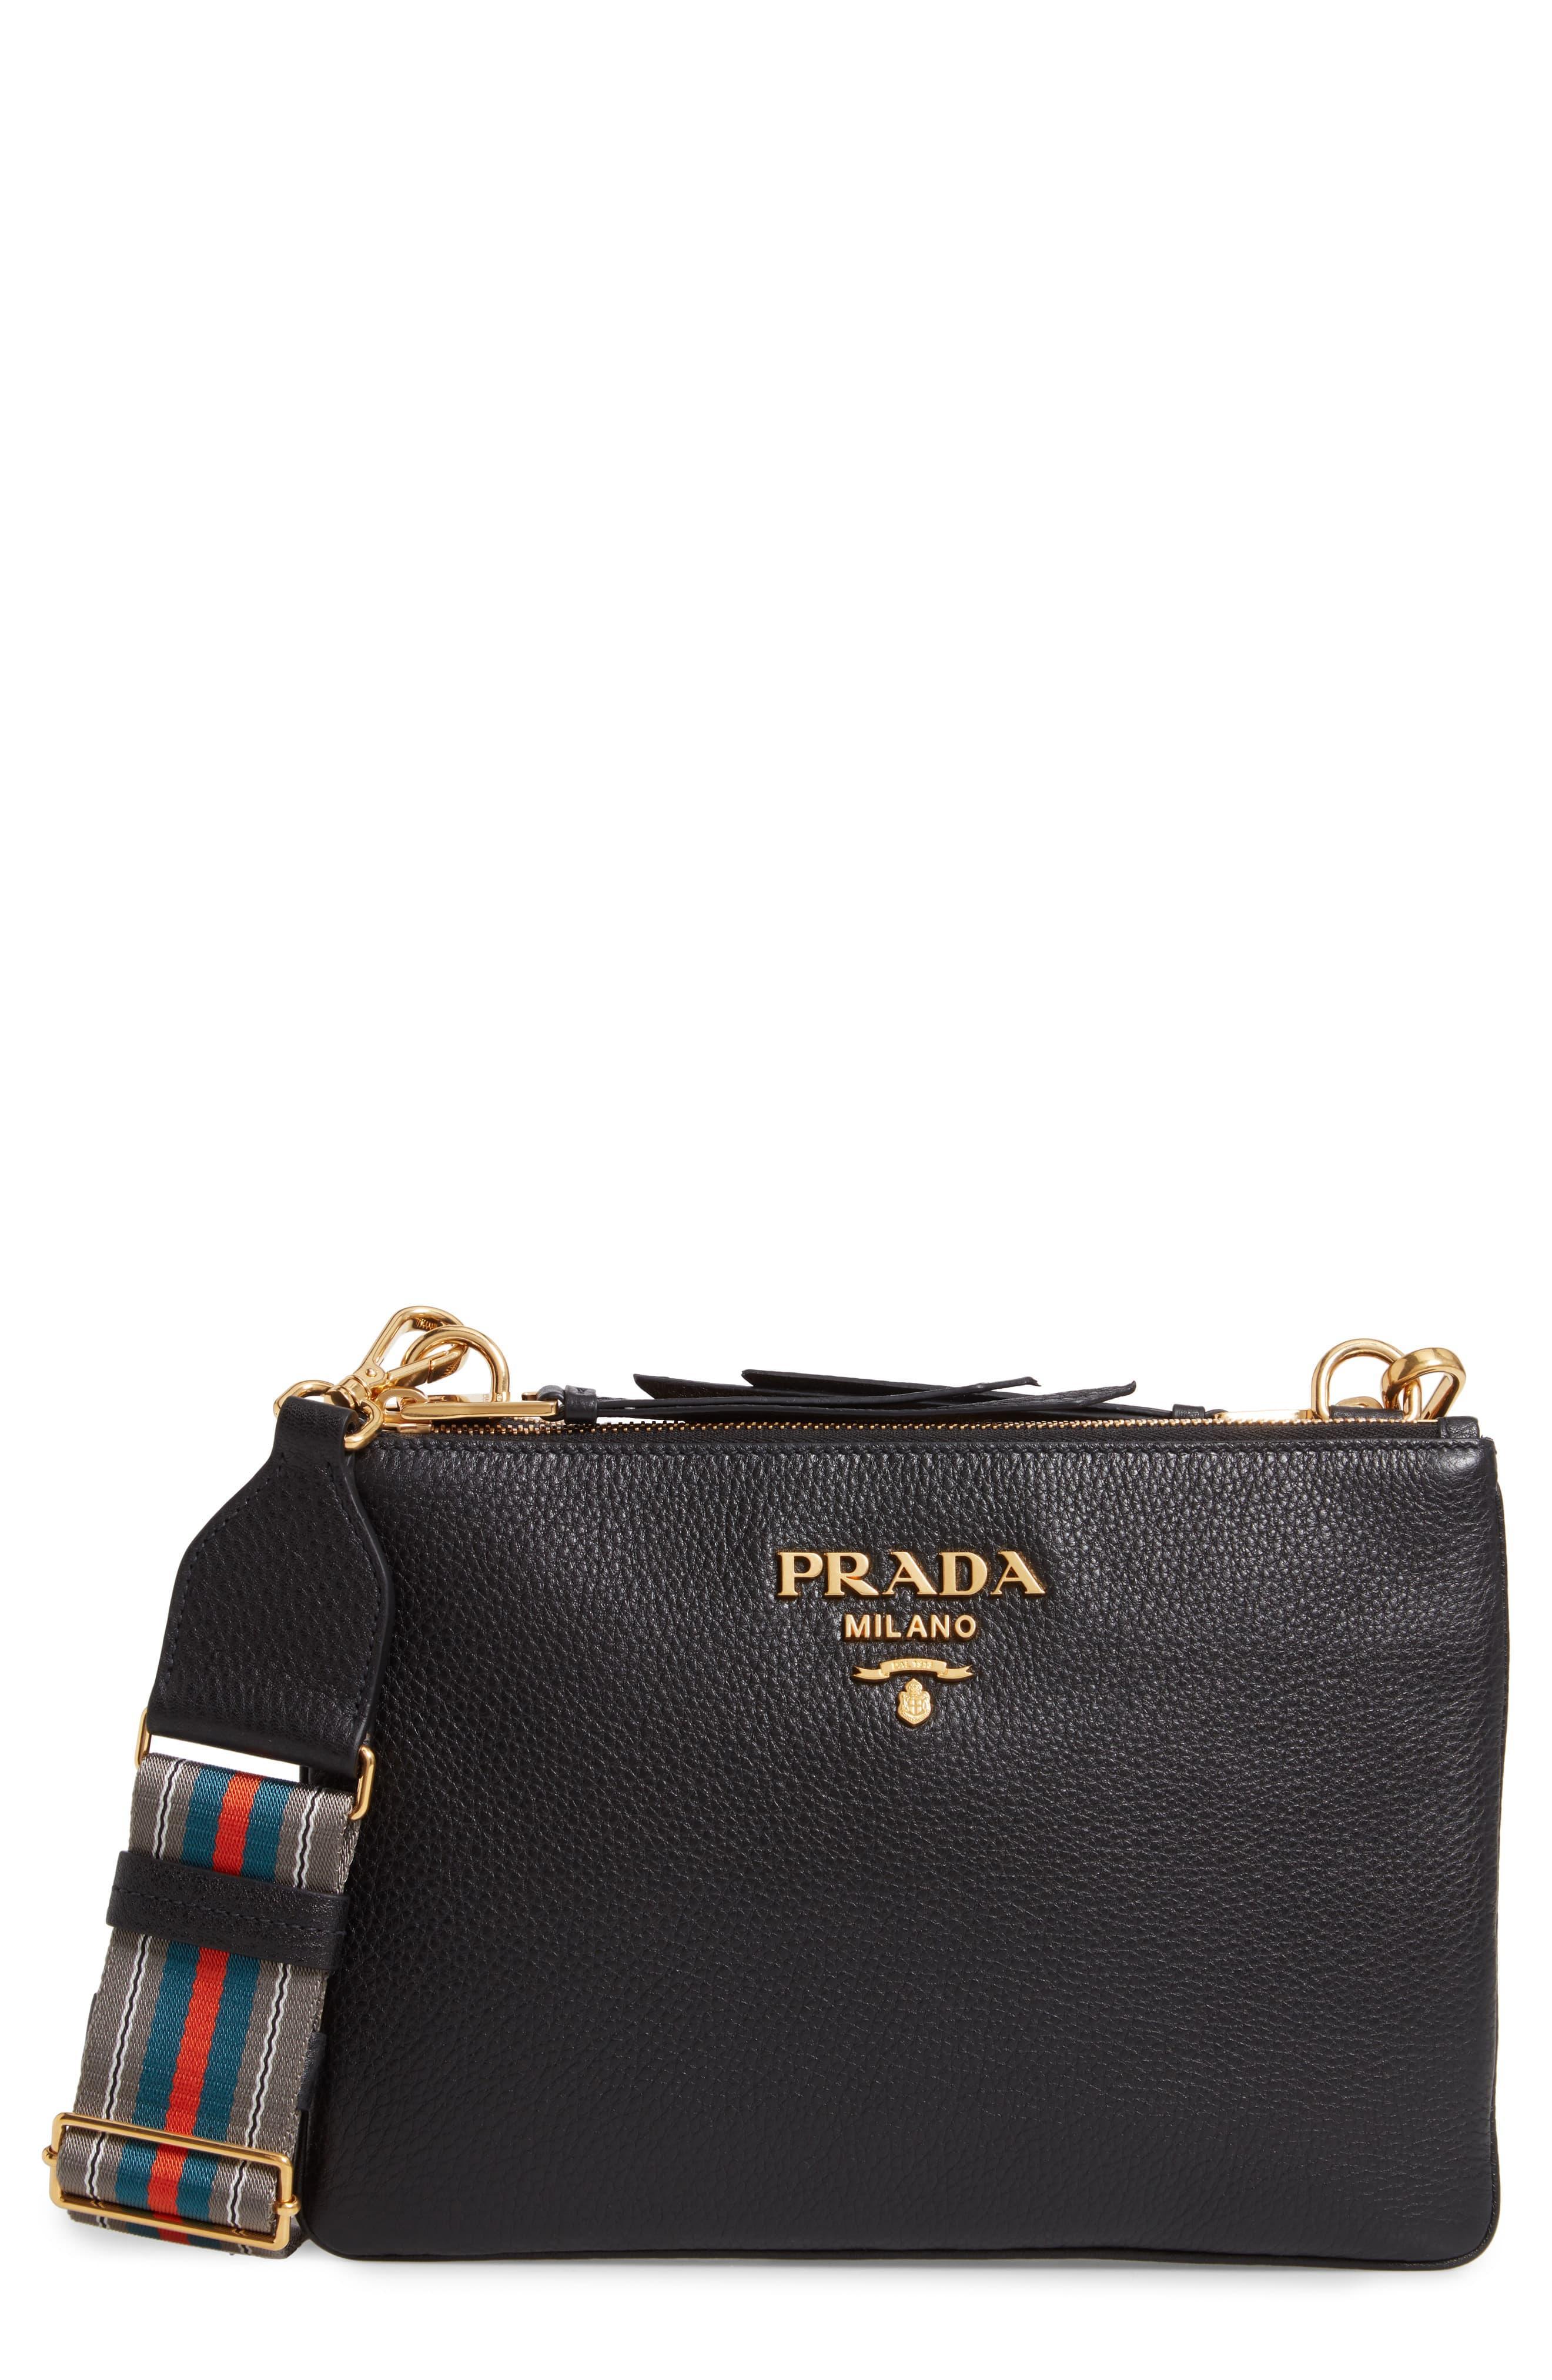 4dcd14ccaba Prada Vitello Daino Double Compartment Leather Crossbody Bag in ...